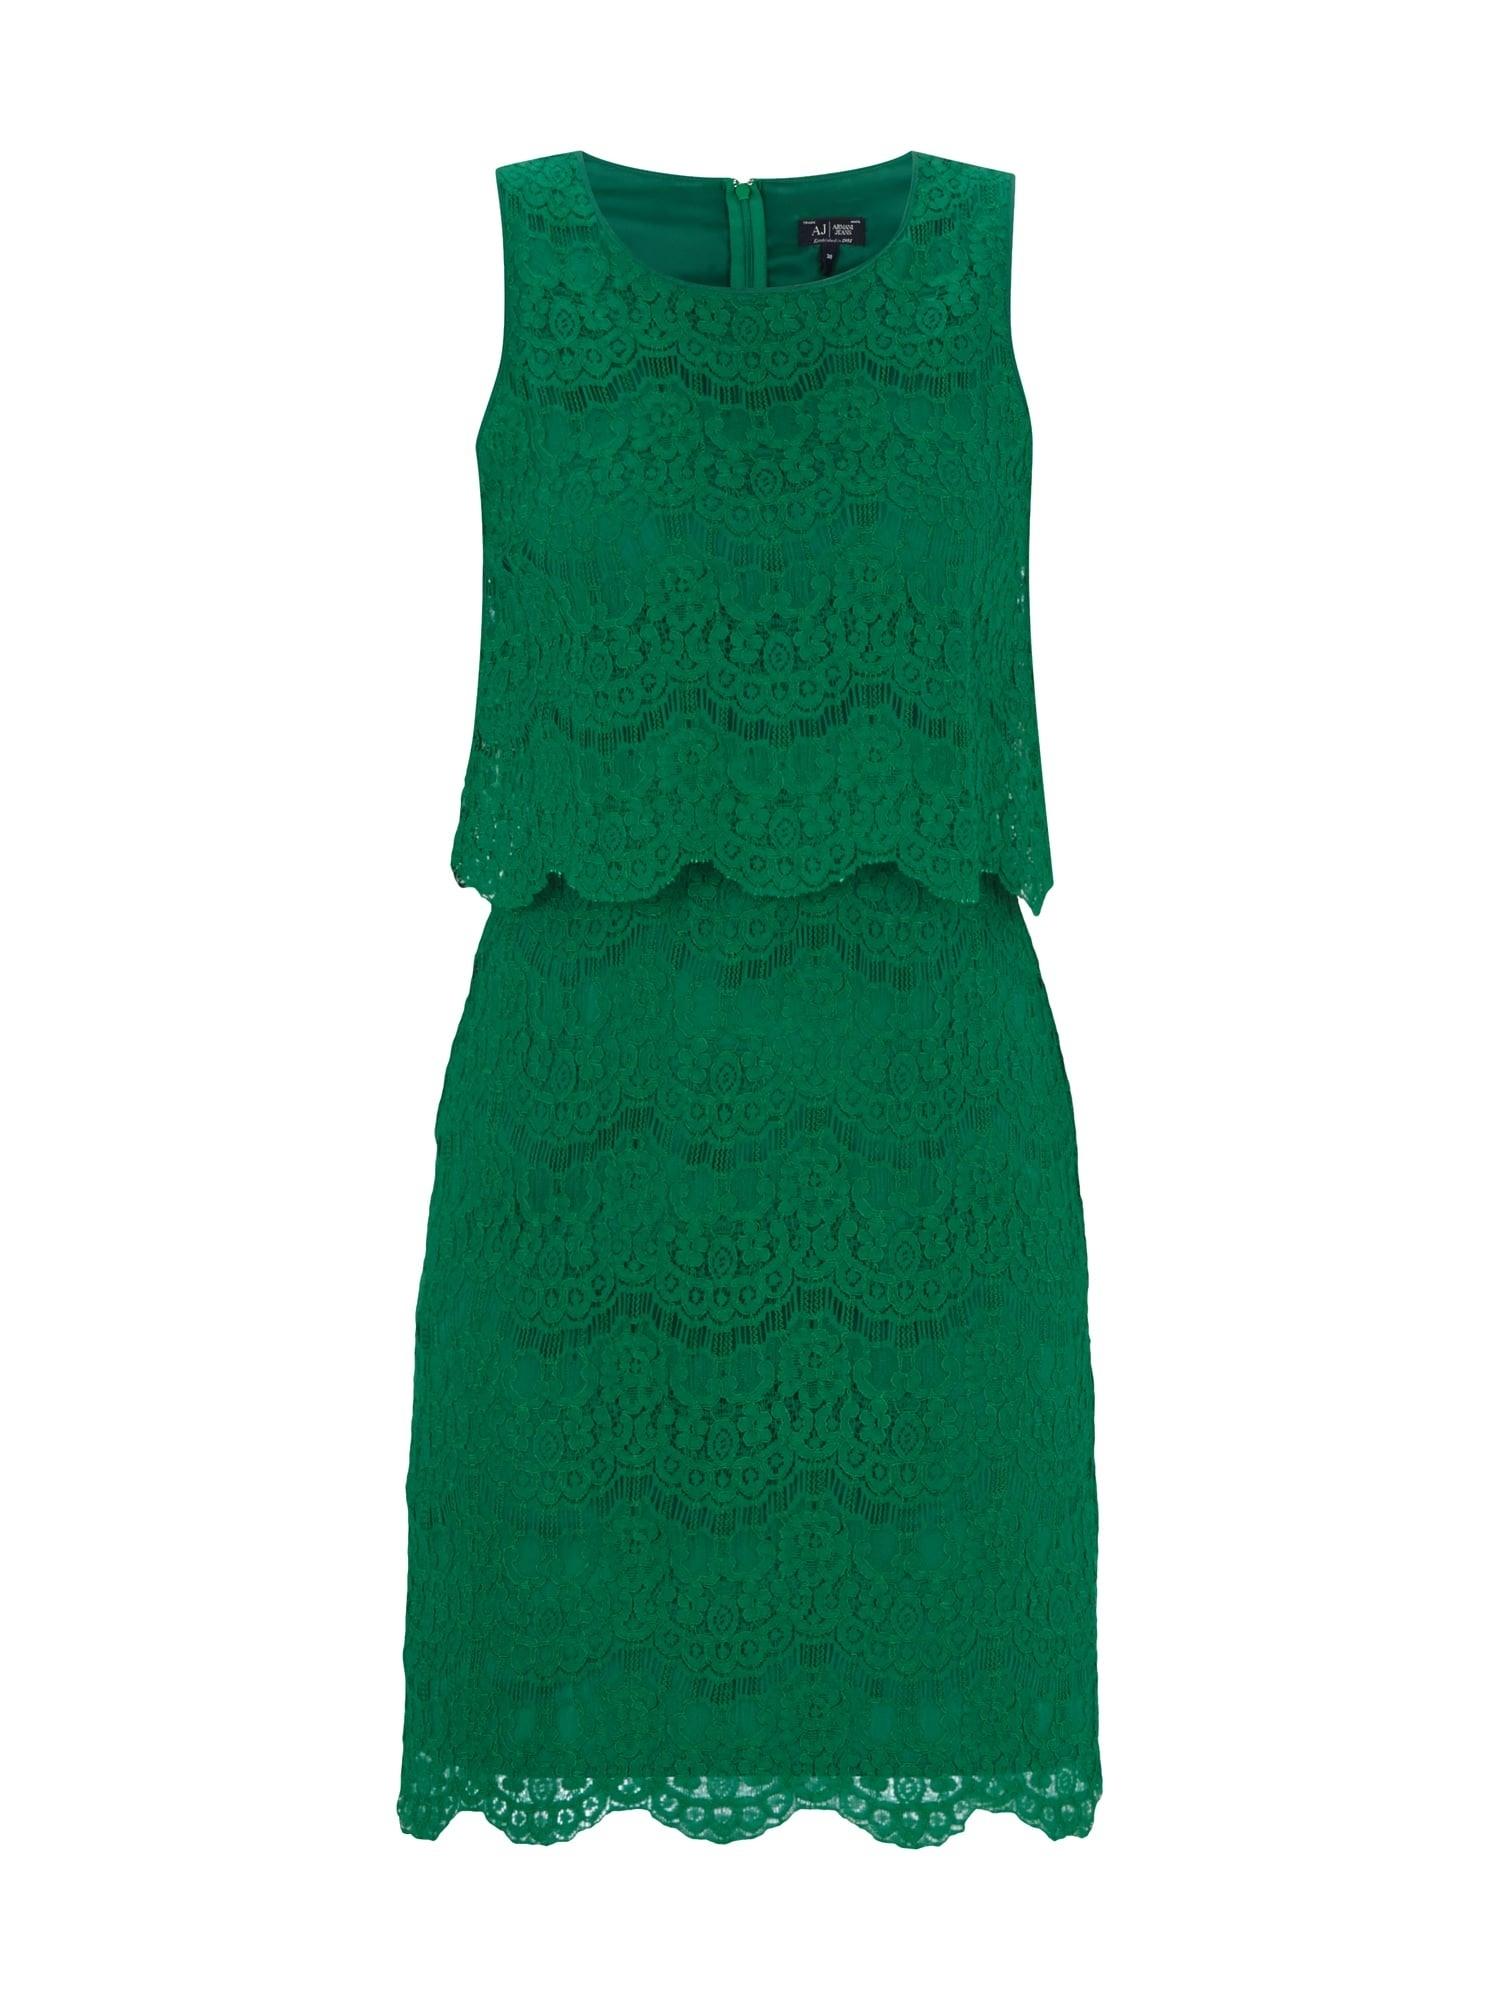 15 Einzigartig Kleid Spitze Grün ÄrmelFormal Schön Kleid Spitze Grün für 2019